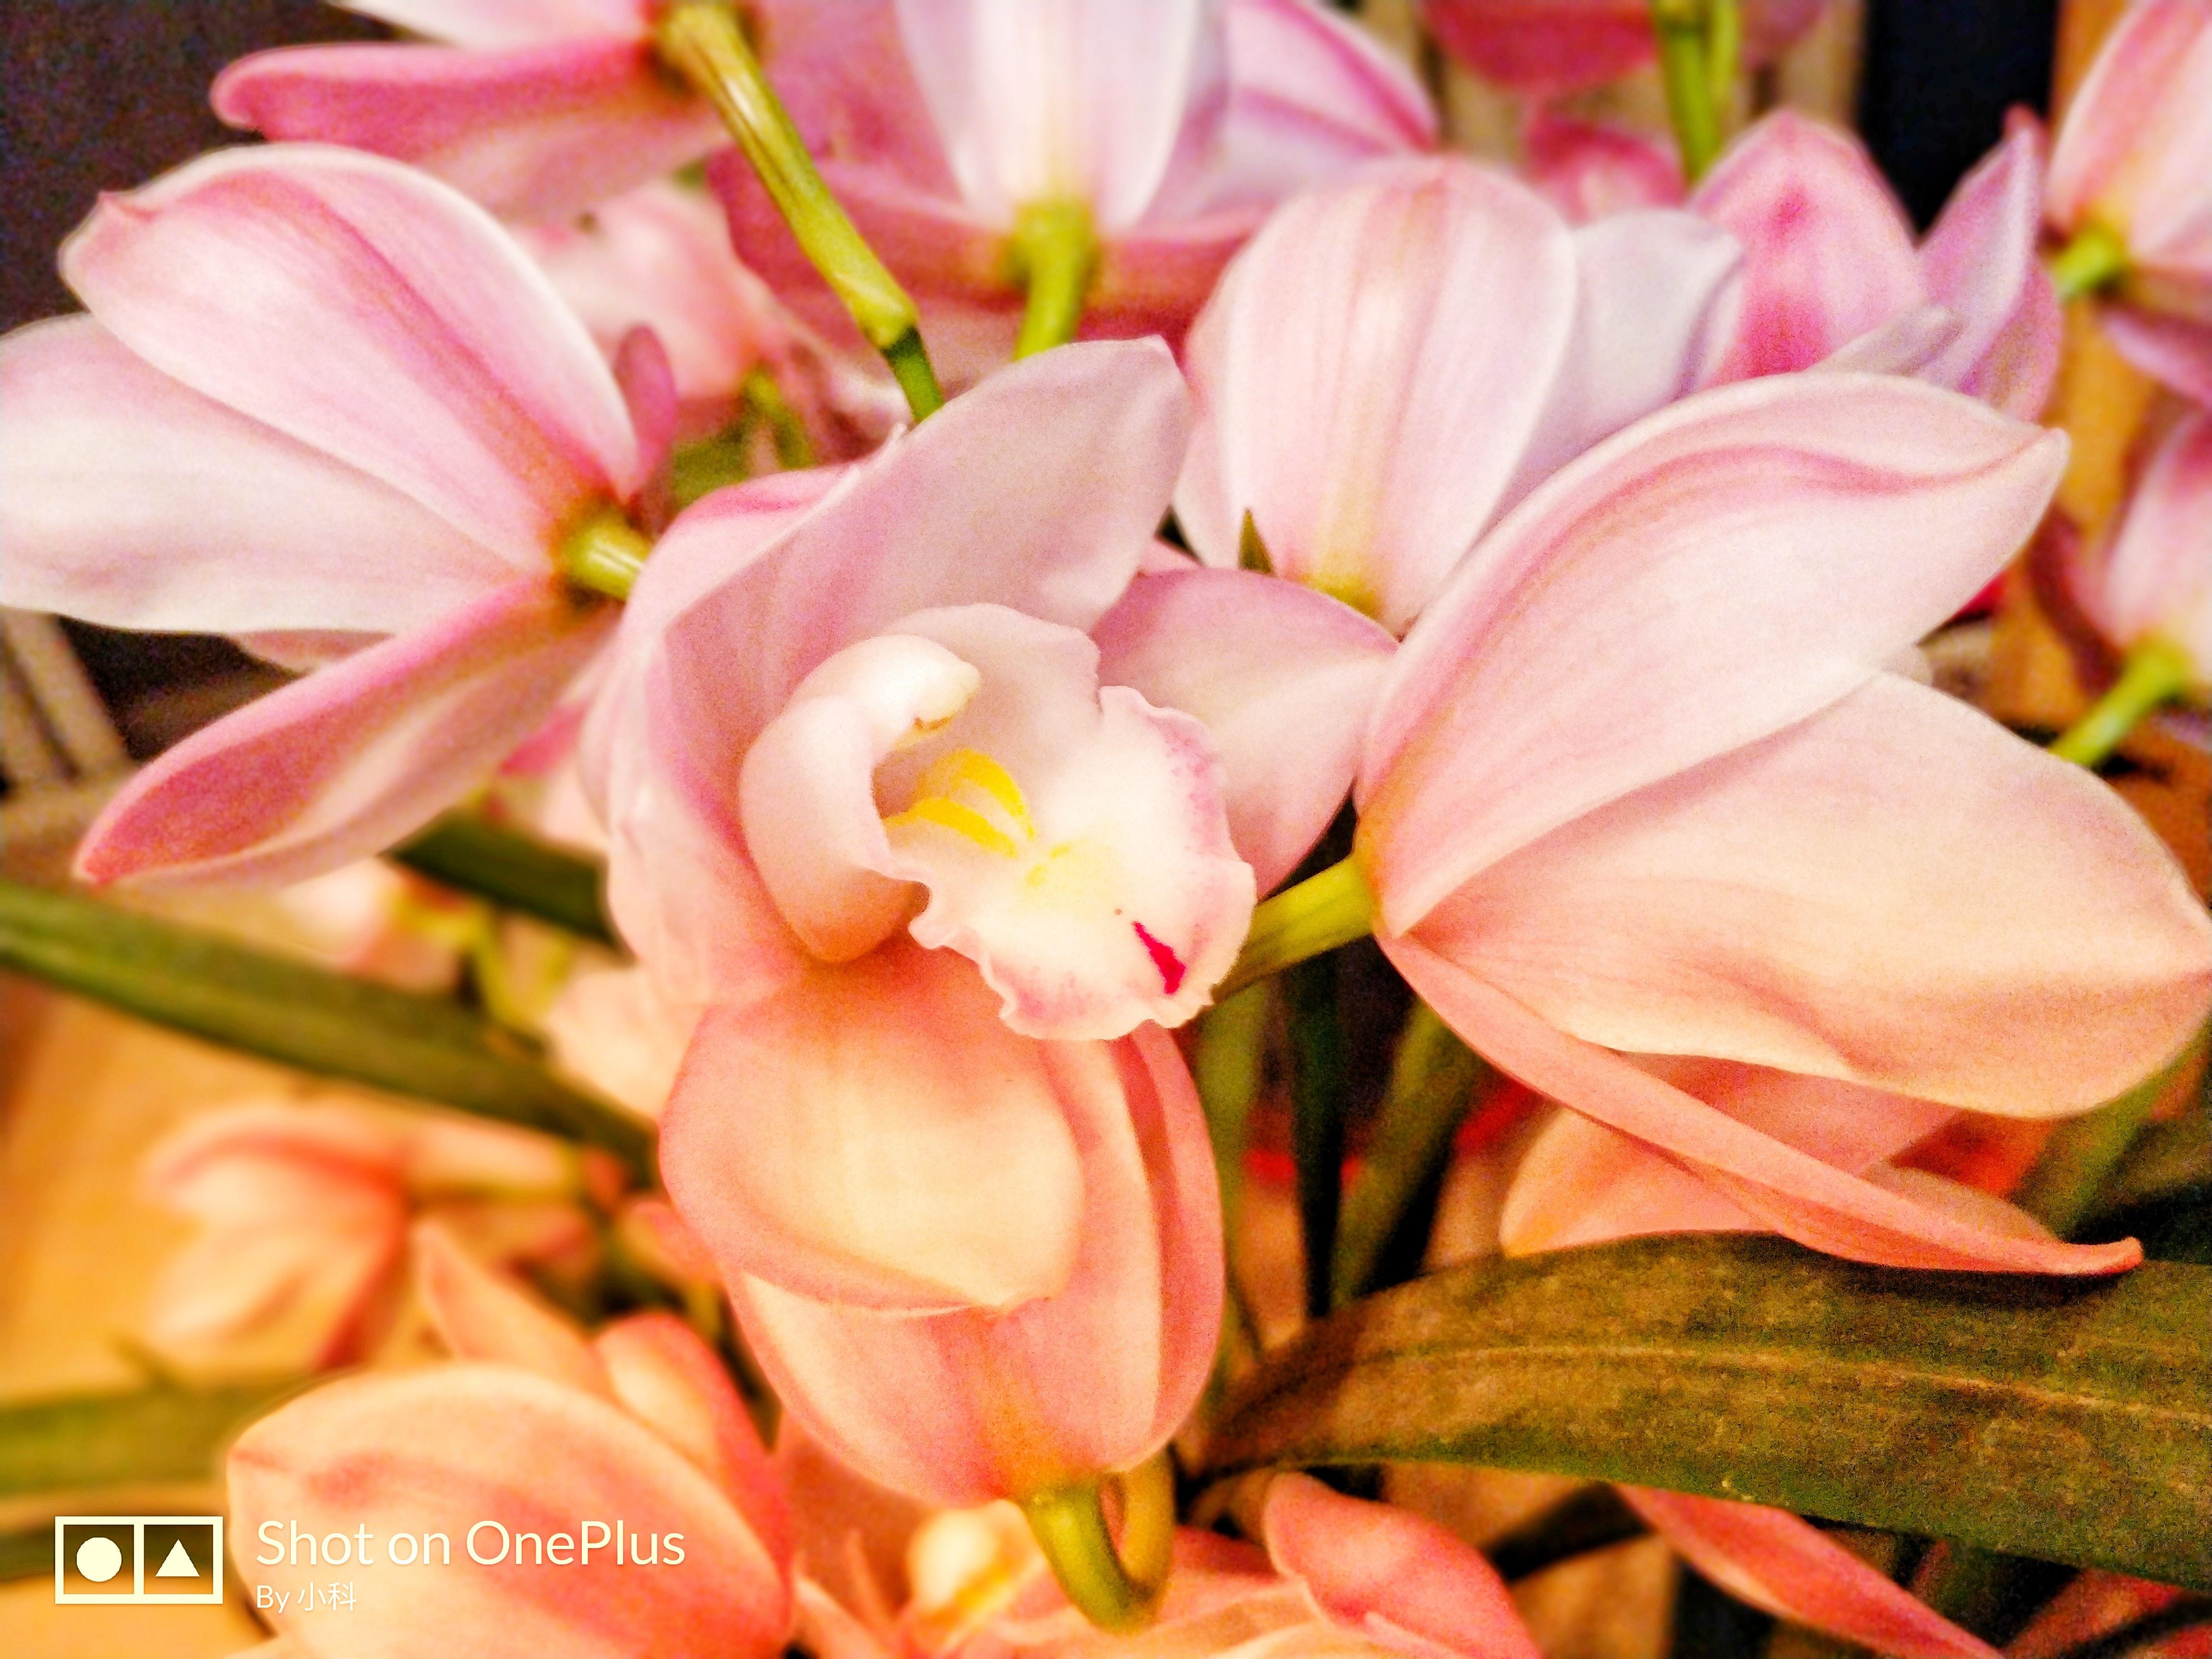 梦见家里鲜花正在开放 梦见各种鲜花盛开